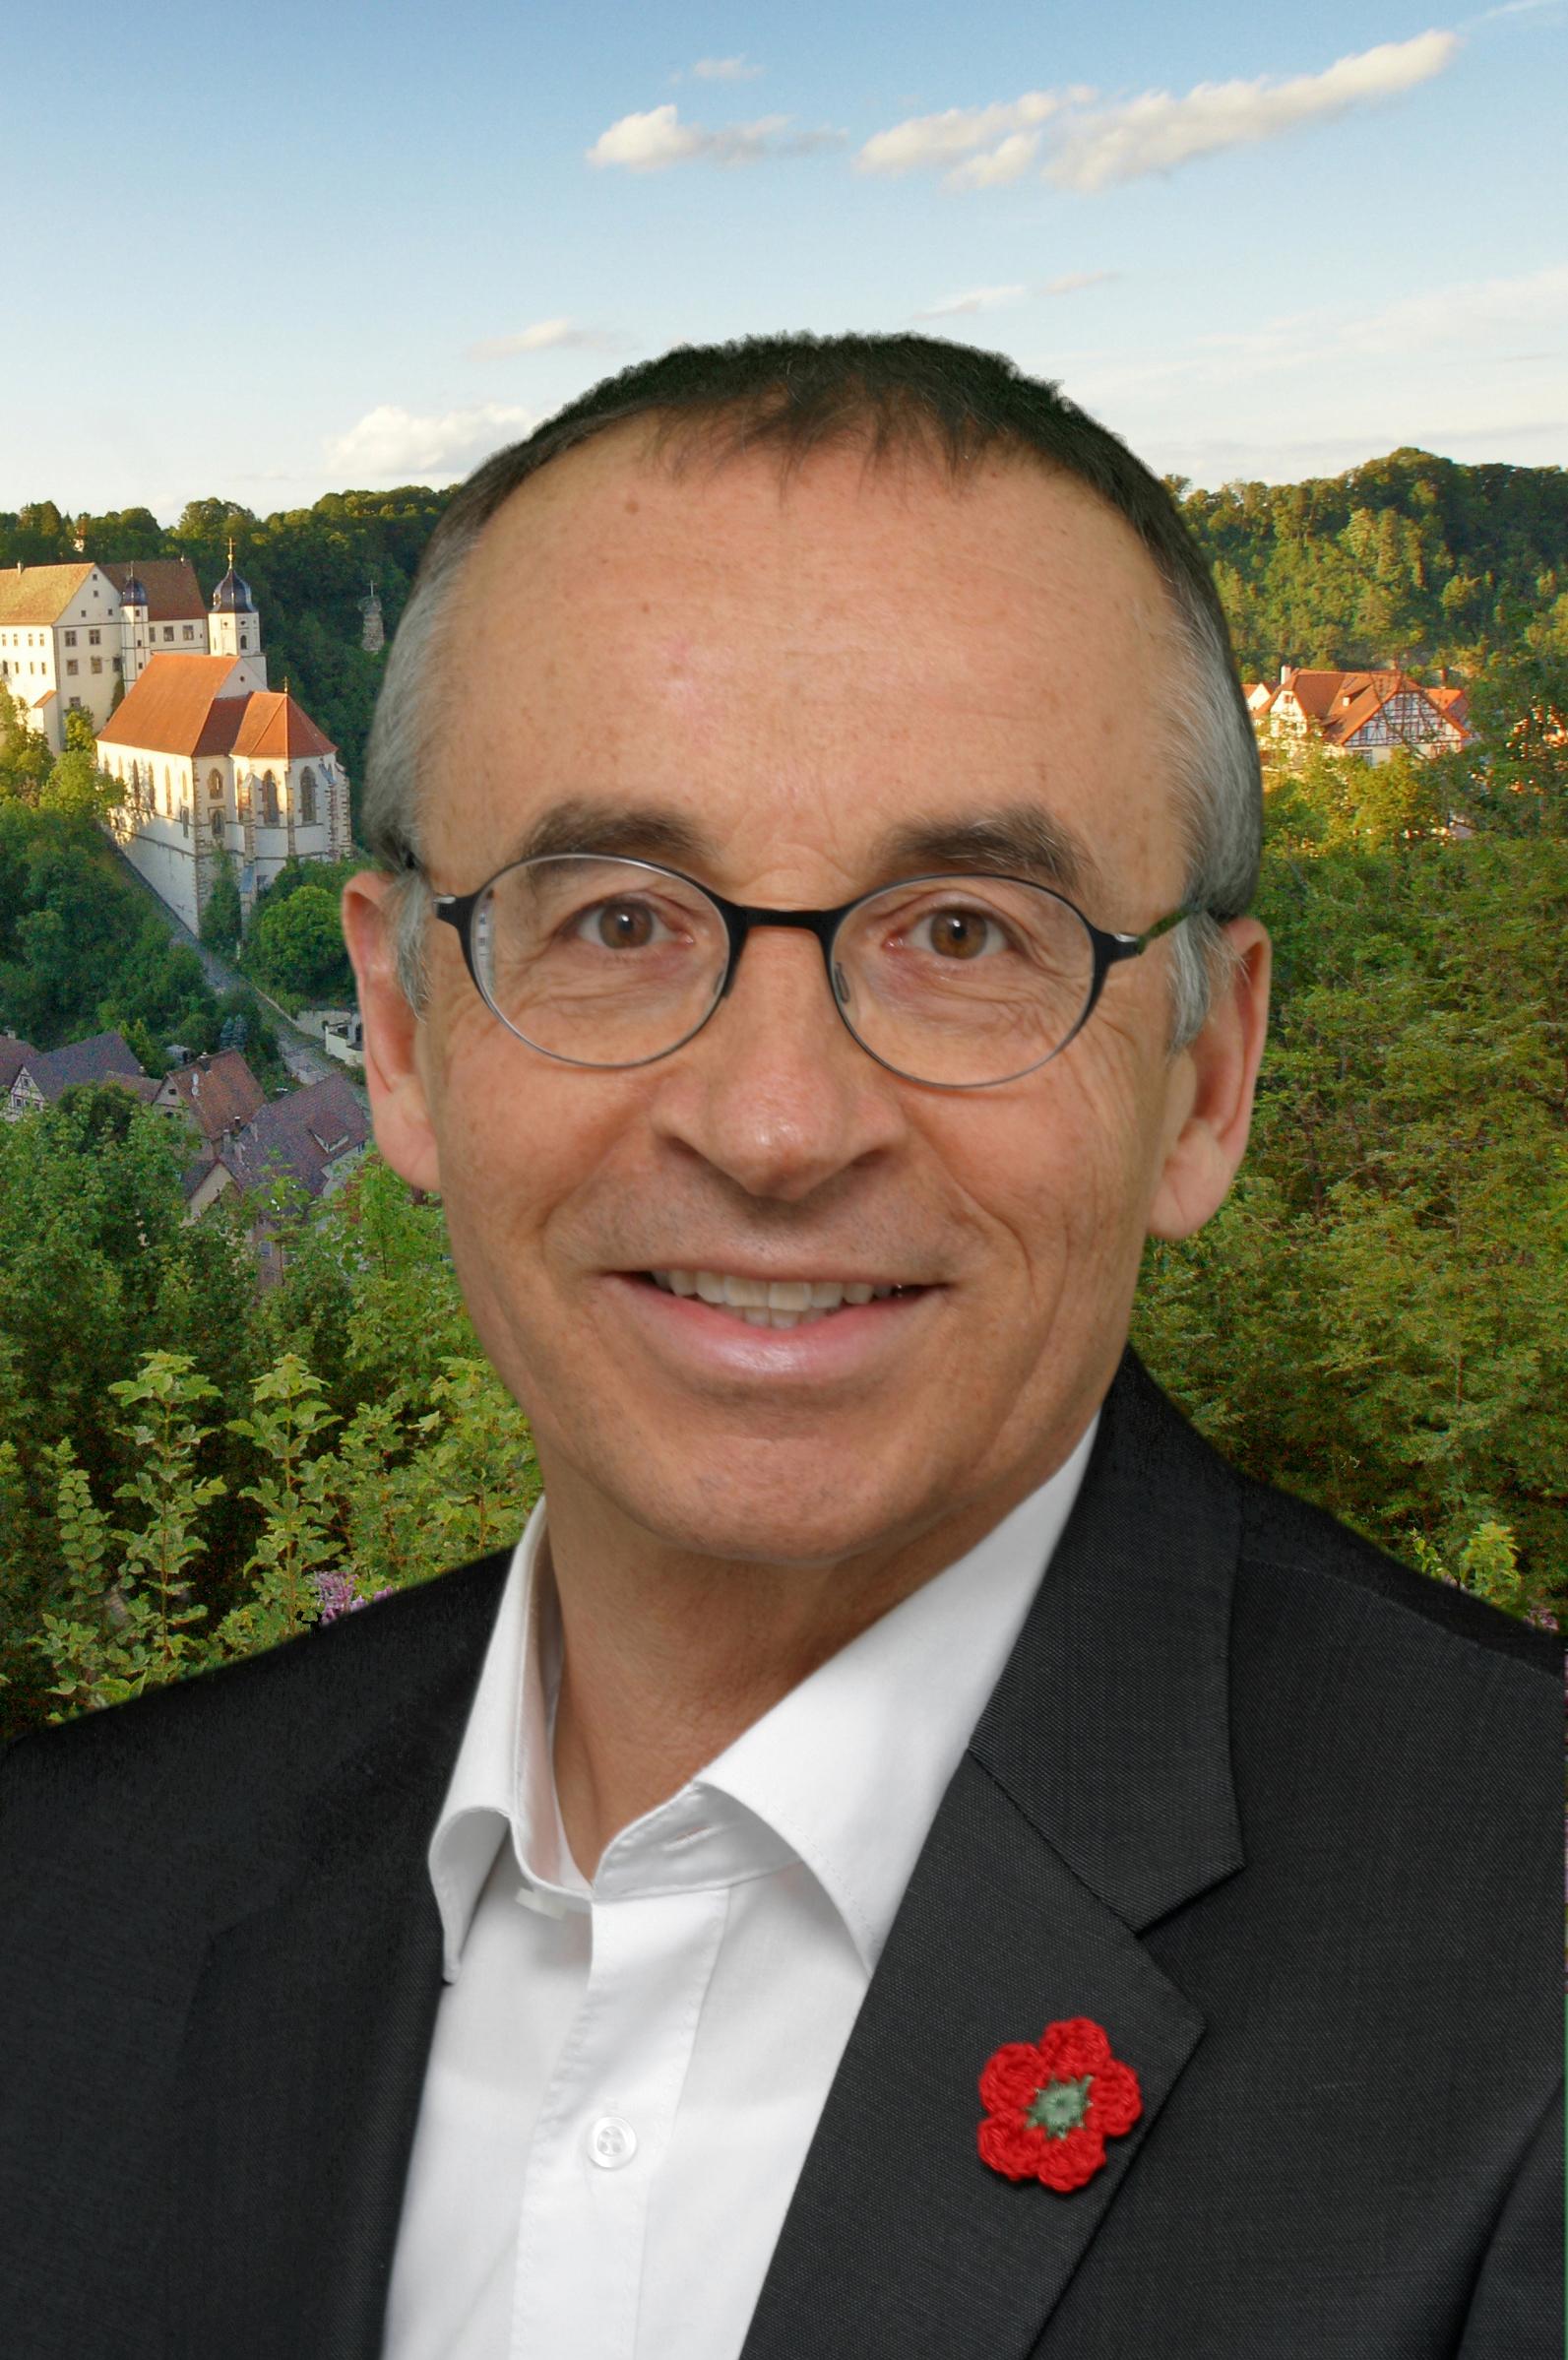 Bürgermeister Dr. Heinrich Götz, Bildnachweis Foto Weber Haigerloch